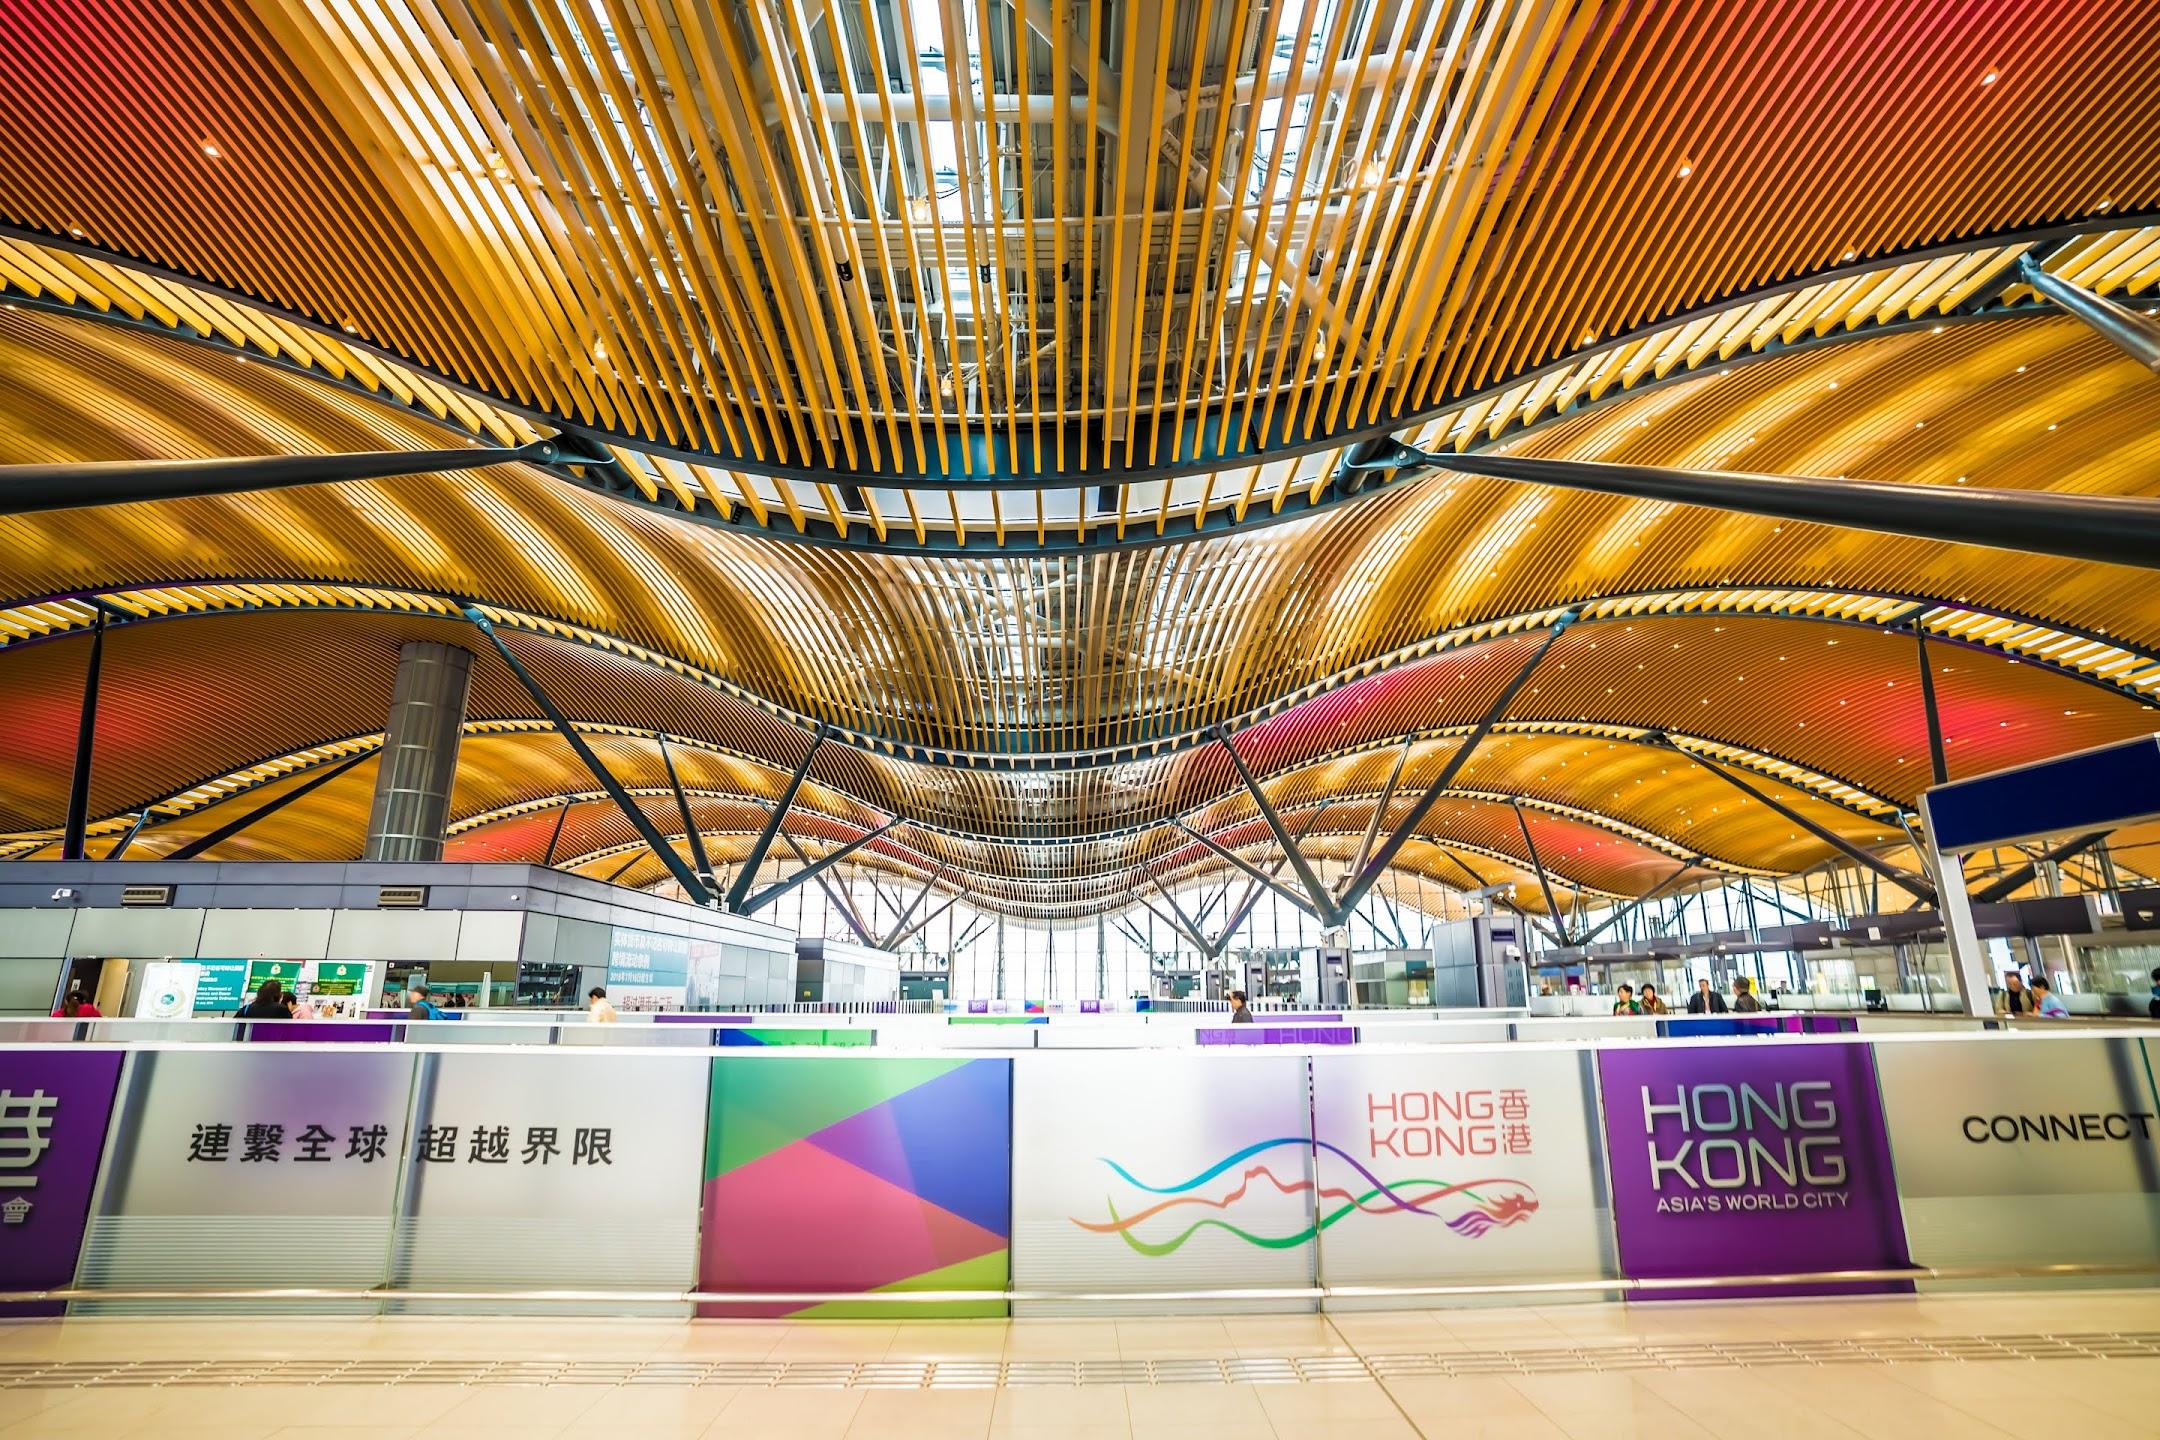 Hzmb Hong Kong Port3